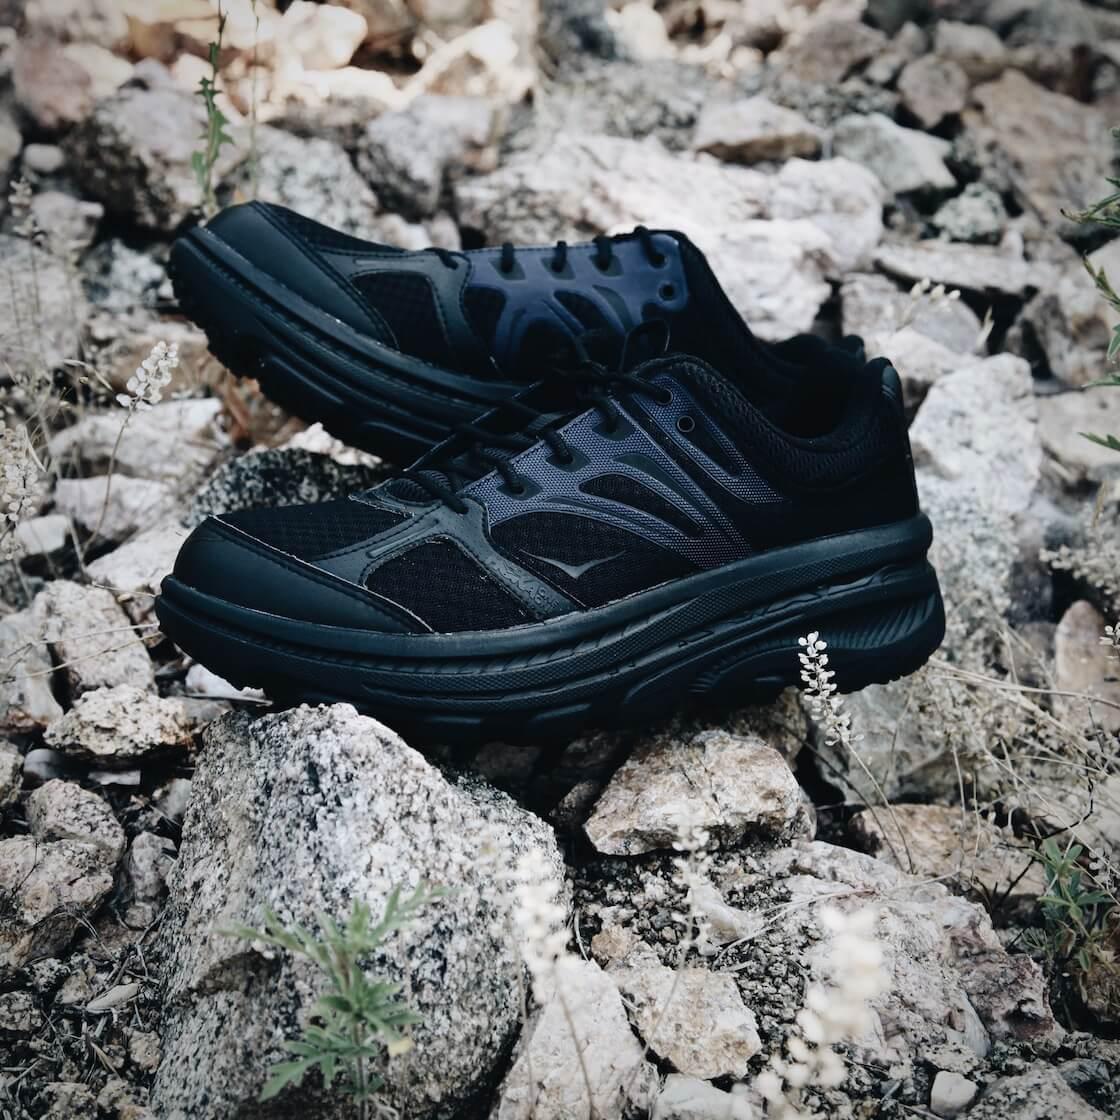 hoka one one and engineered garments bondi b shoes